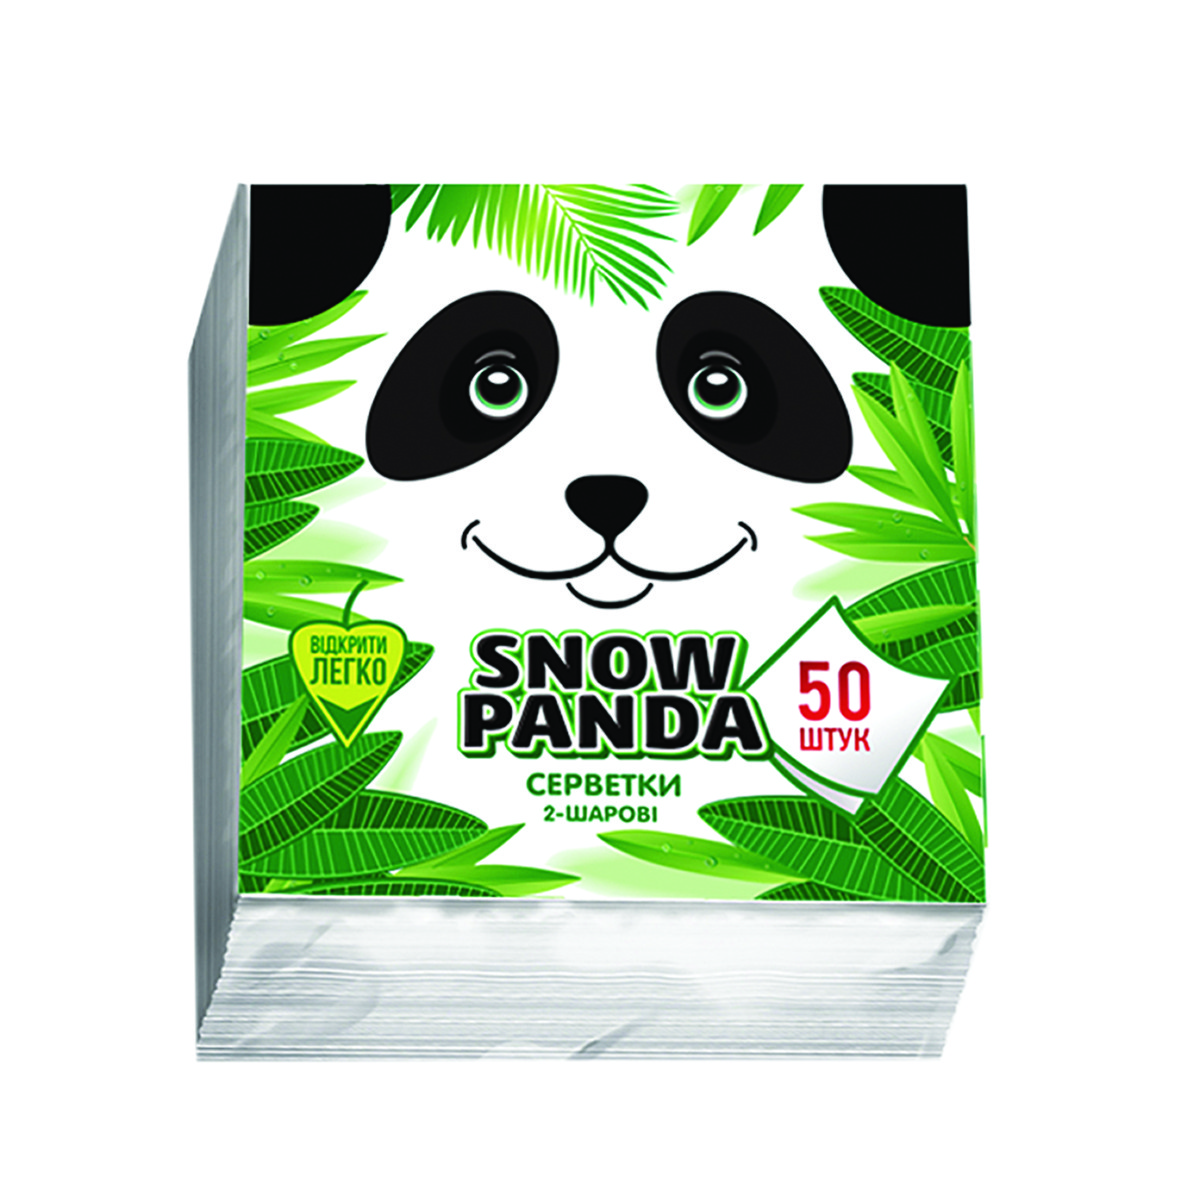 Сніжна панда серветки столові 50шт 24*24 білі 2 шари